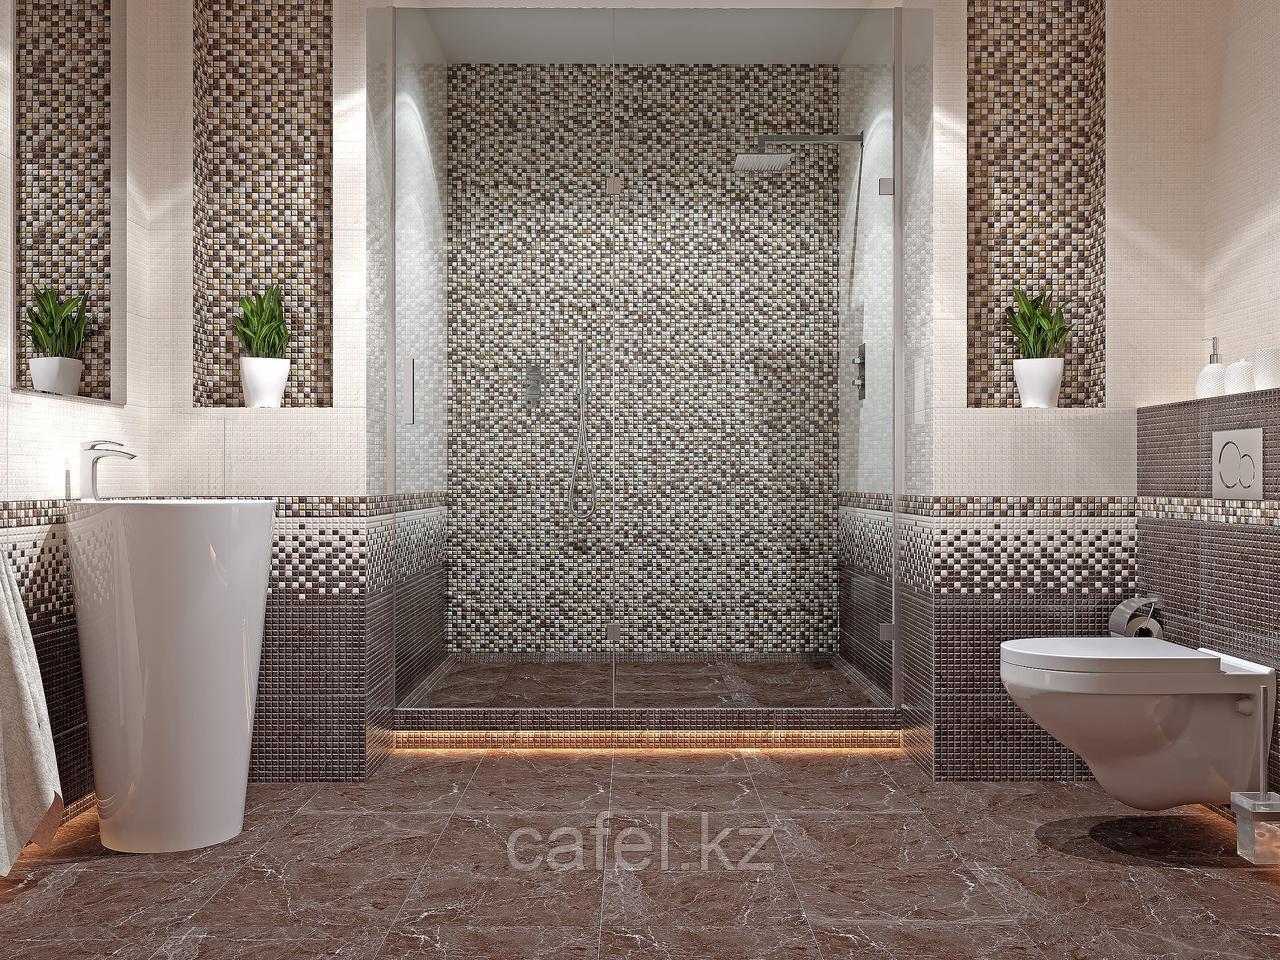 Кафель   Плитка настенная 28х40 Кармен   Carmen коричневый рельеф